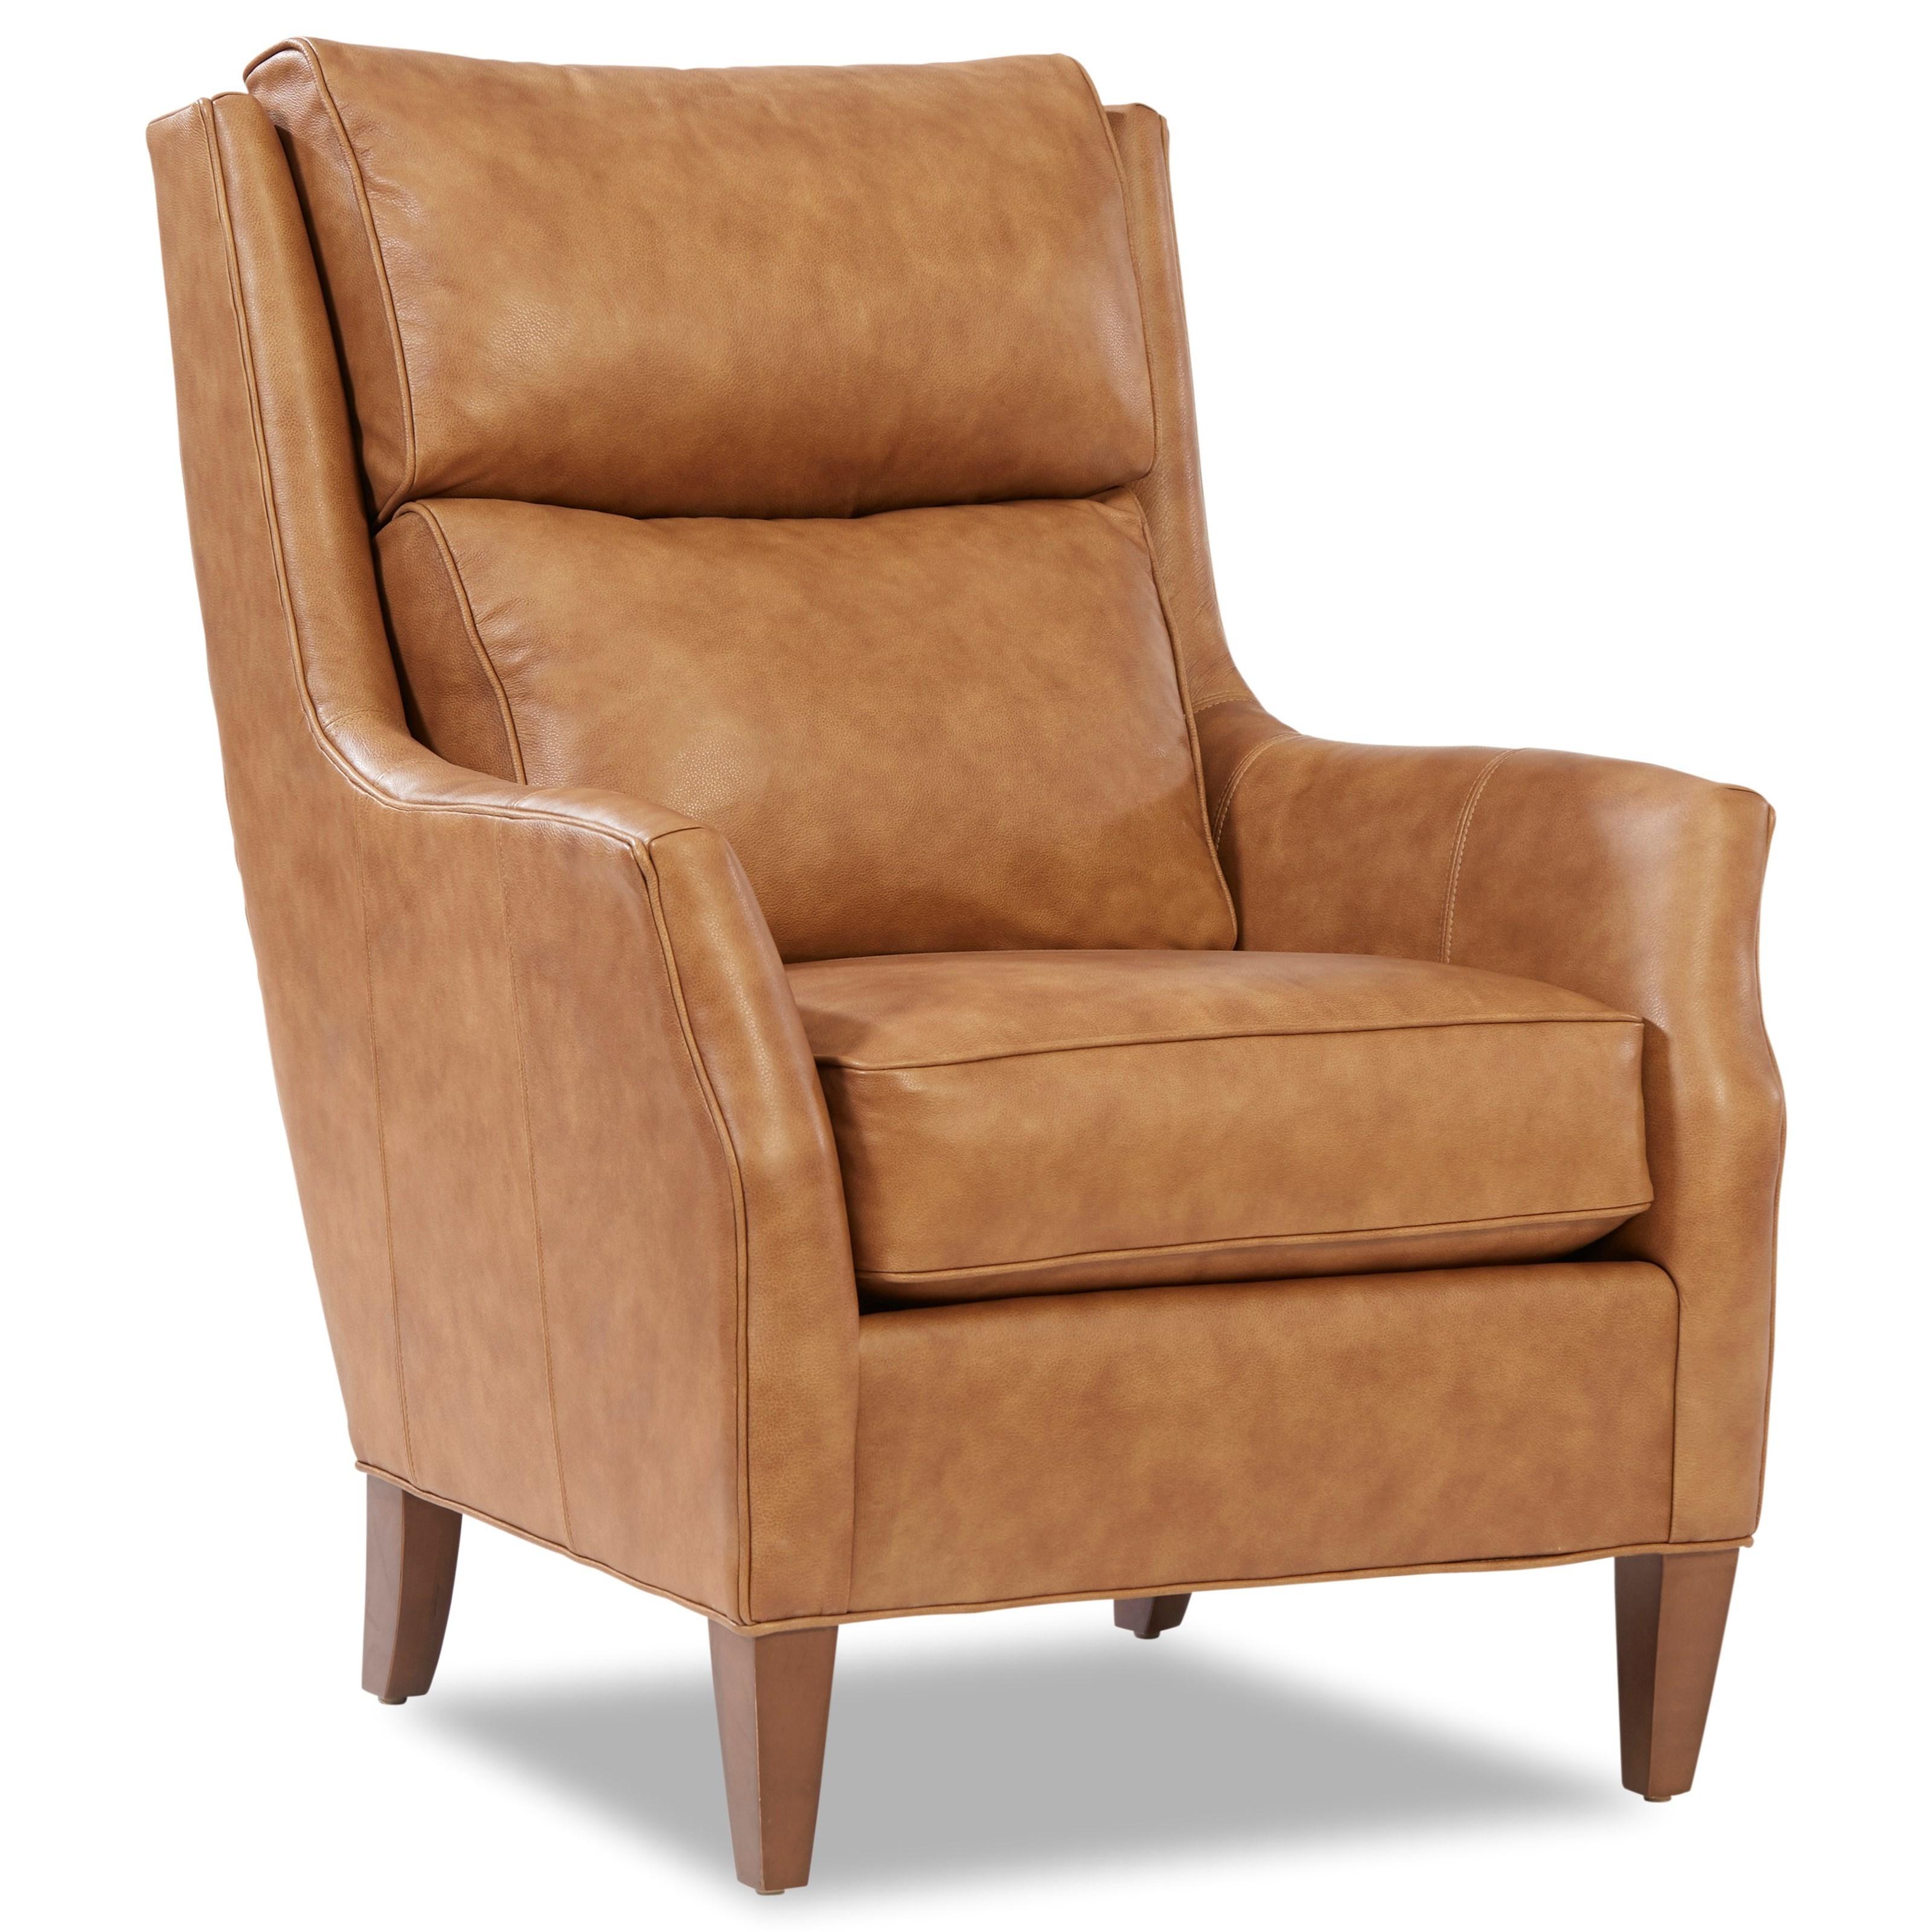 7771 Chair by Geoffrey Alexander at Sprintz Furniture